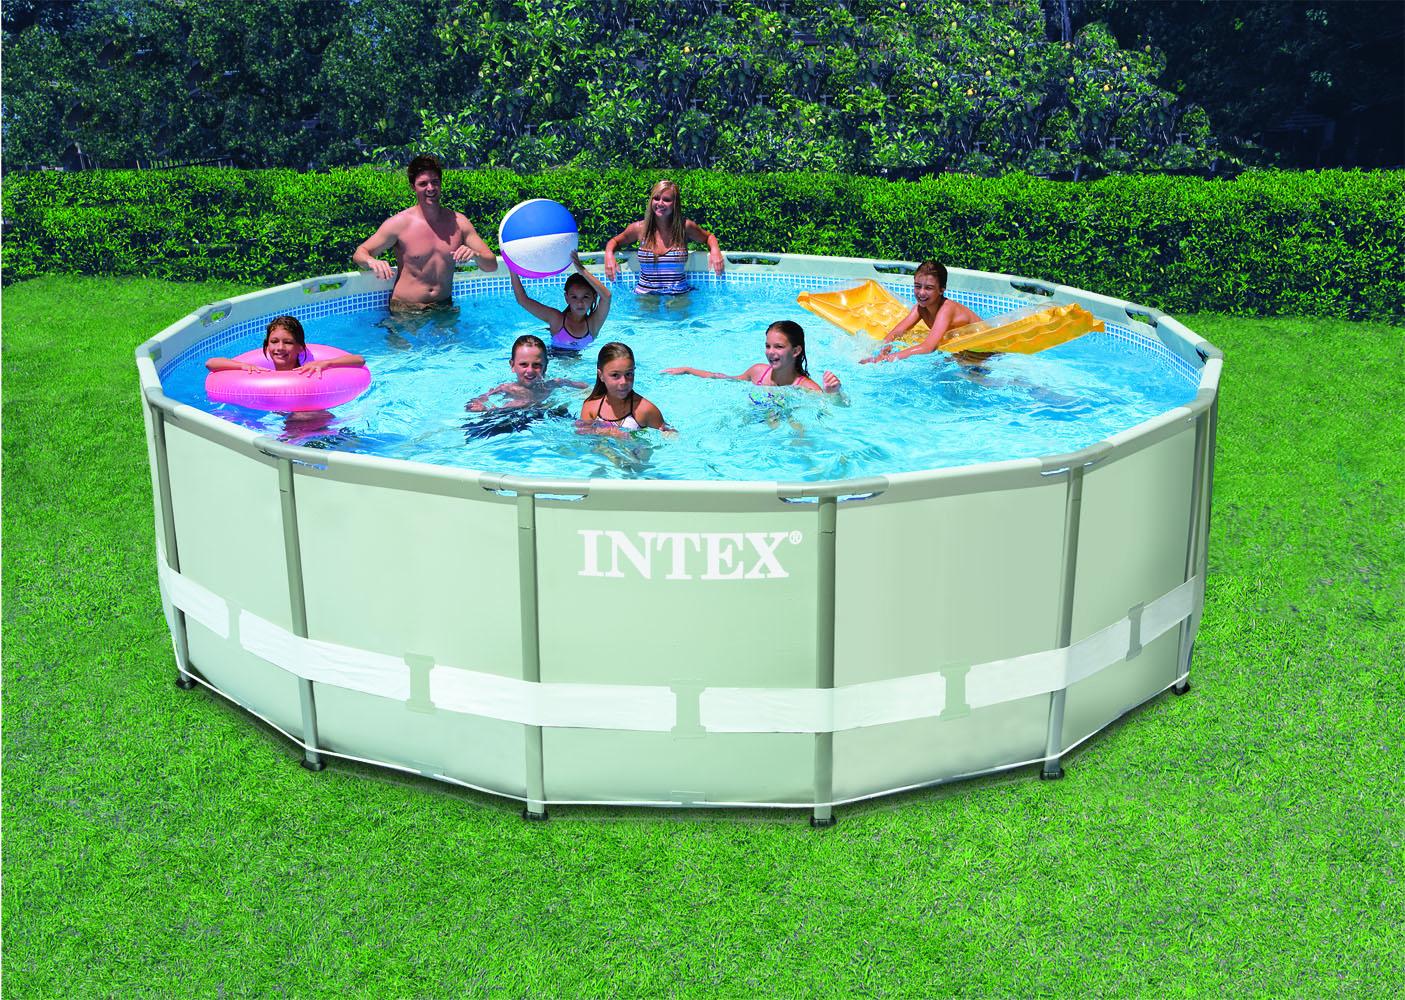 Intex ultra frame pool 549x132 cm set met filterpomp for Rechthoekig zwembad met pomp